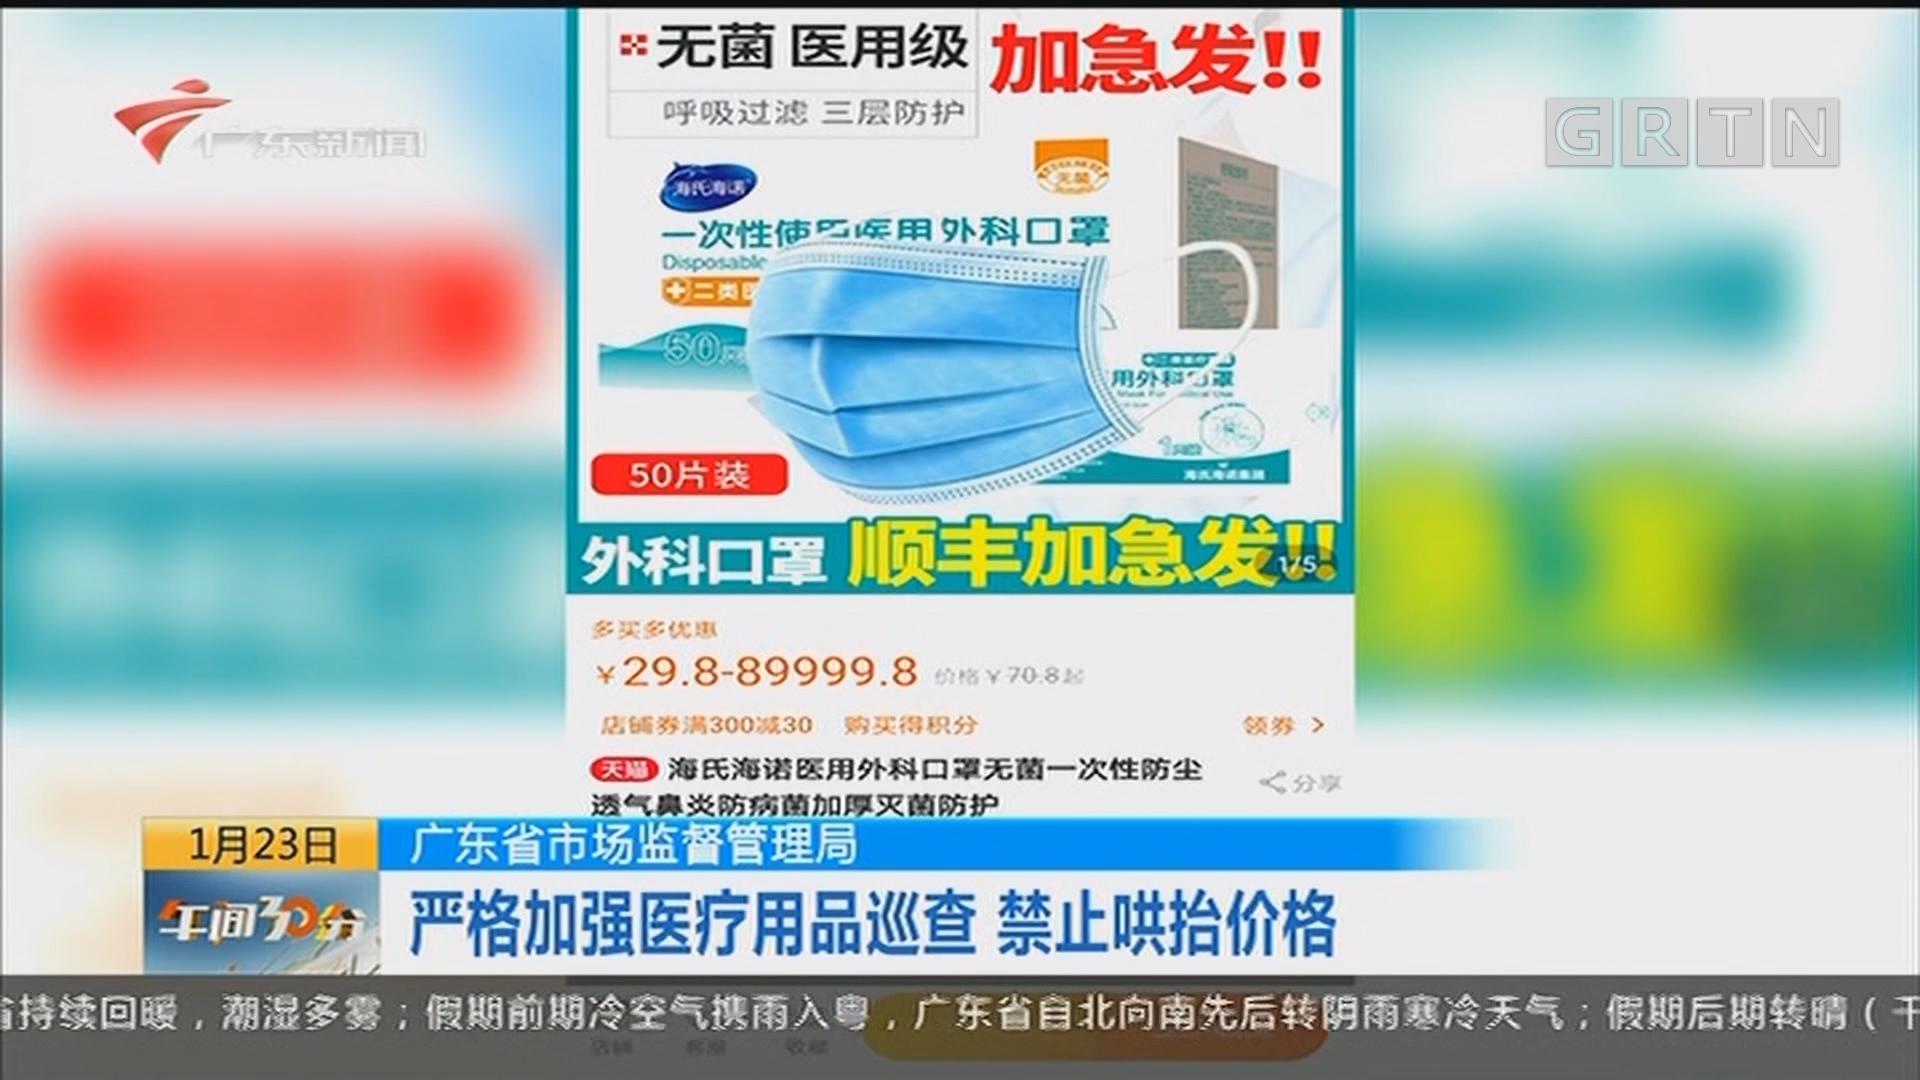 广东省市场监督管理局:严格加强医疗用品巡查 禁止哄抬价格